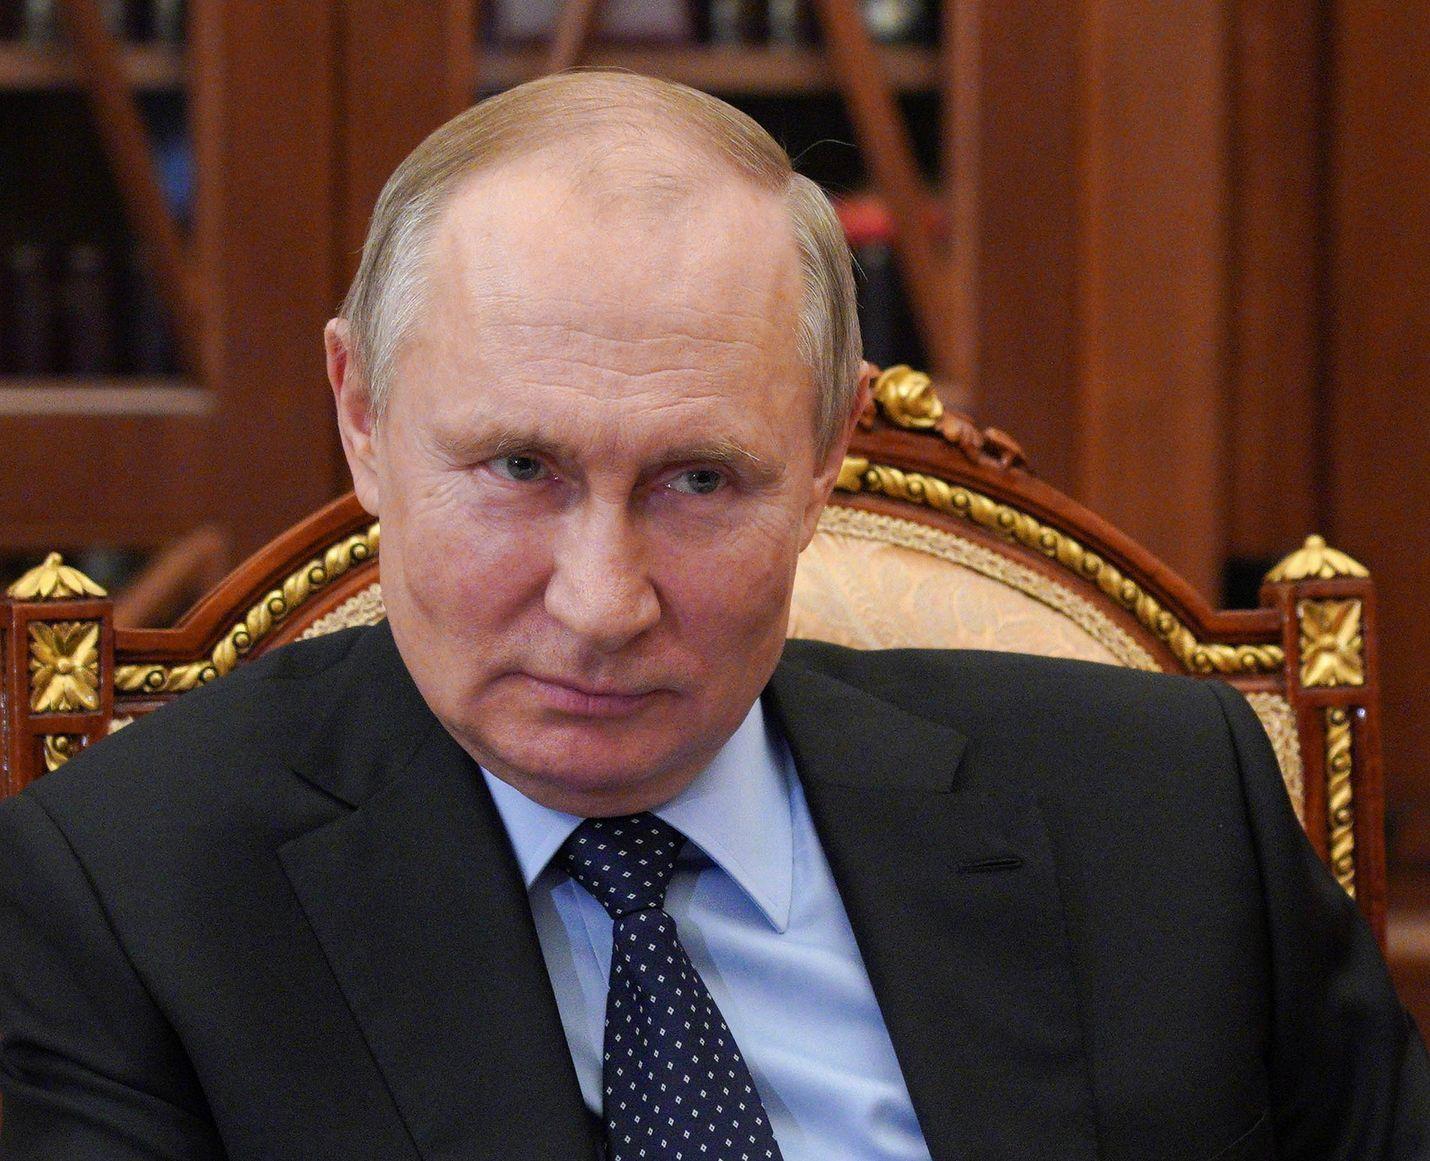 Presidentti Vladimir Putinin ilme on arvoituksellinen Kremlin virallisen kuvapalvelun välittämässä otoksessa. Putin osallistui työkokoukseen Kremlissä 6. huhtikuuta.